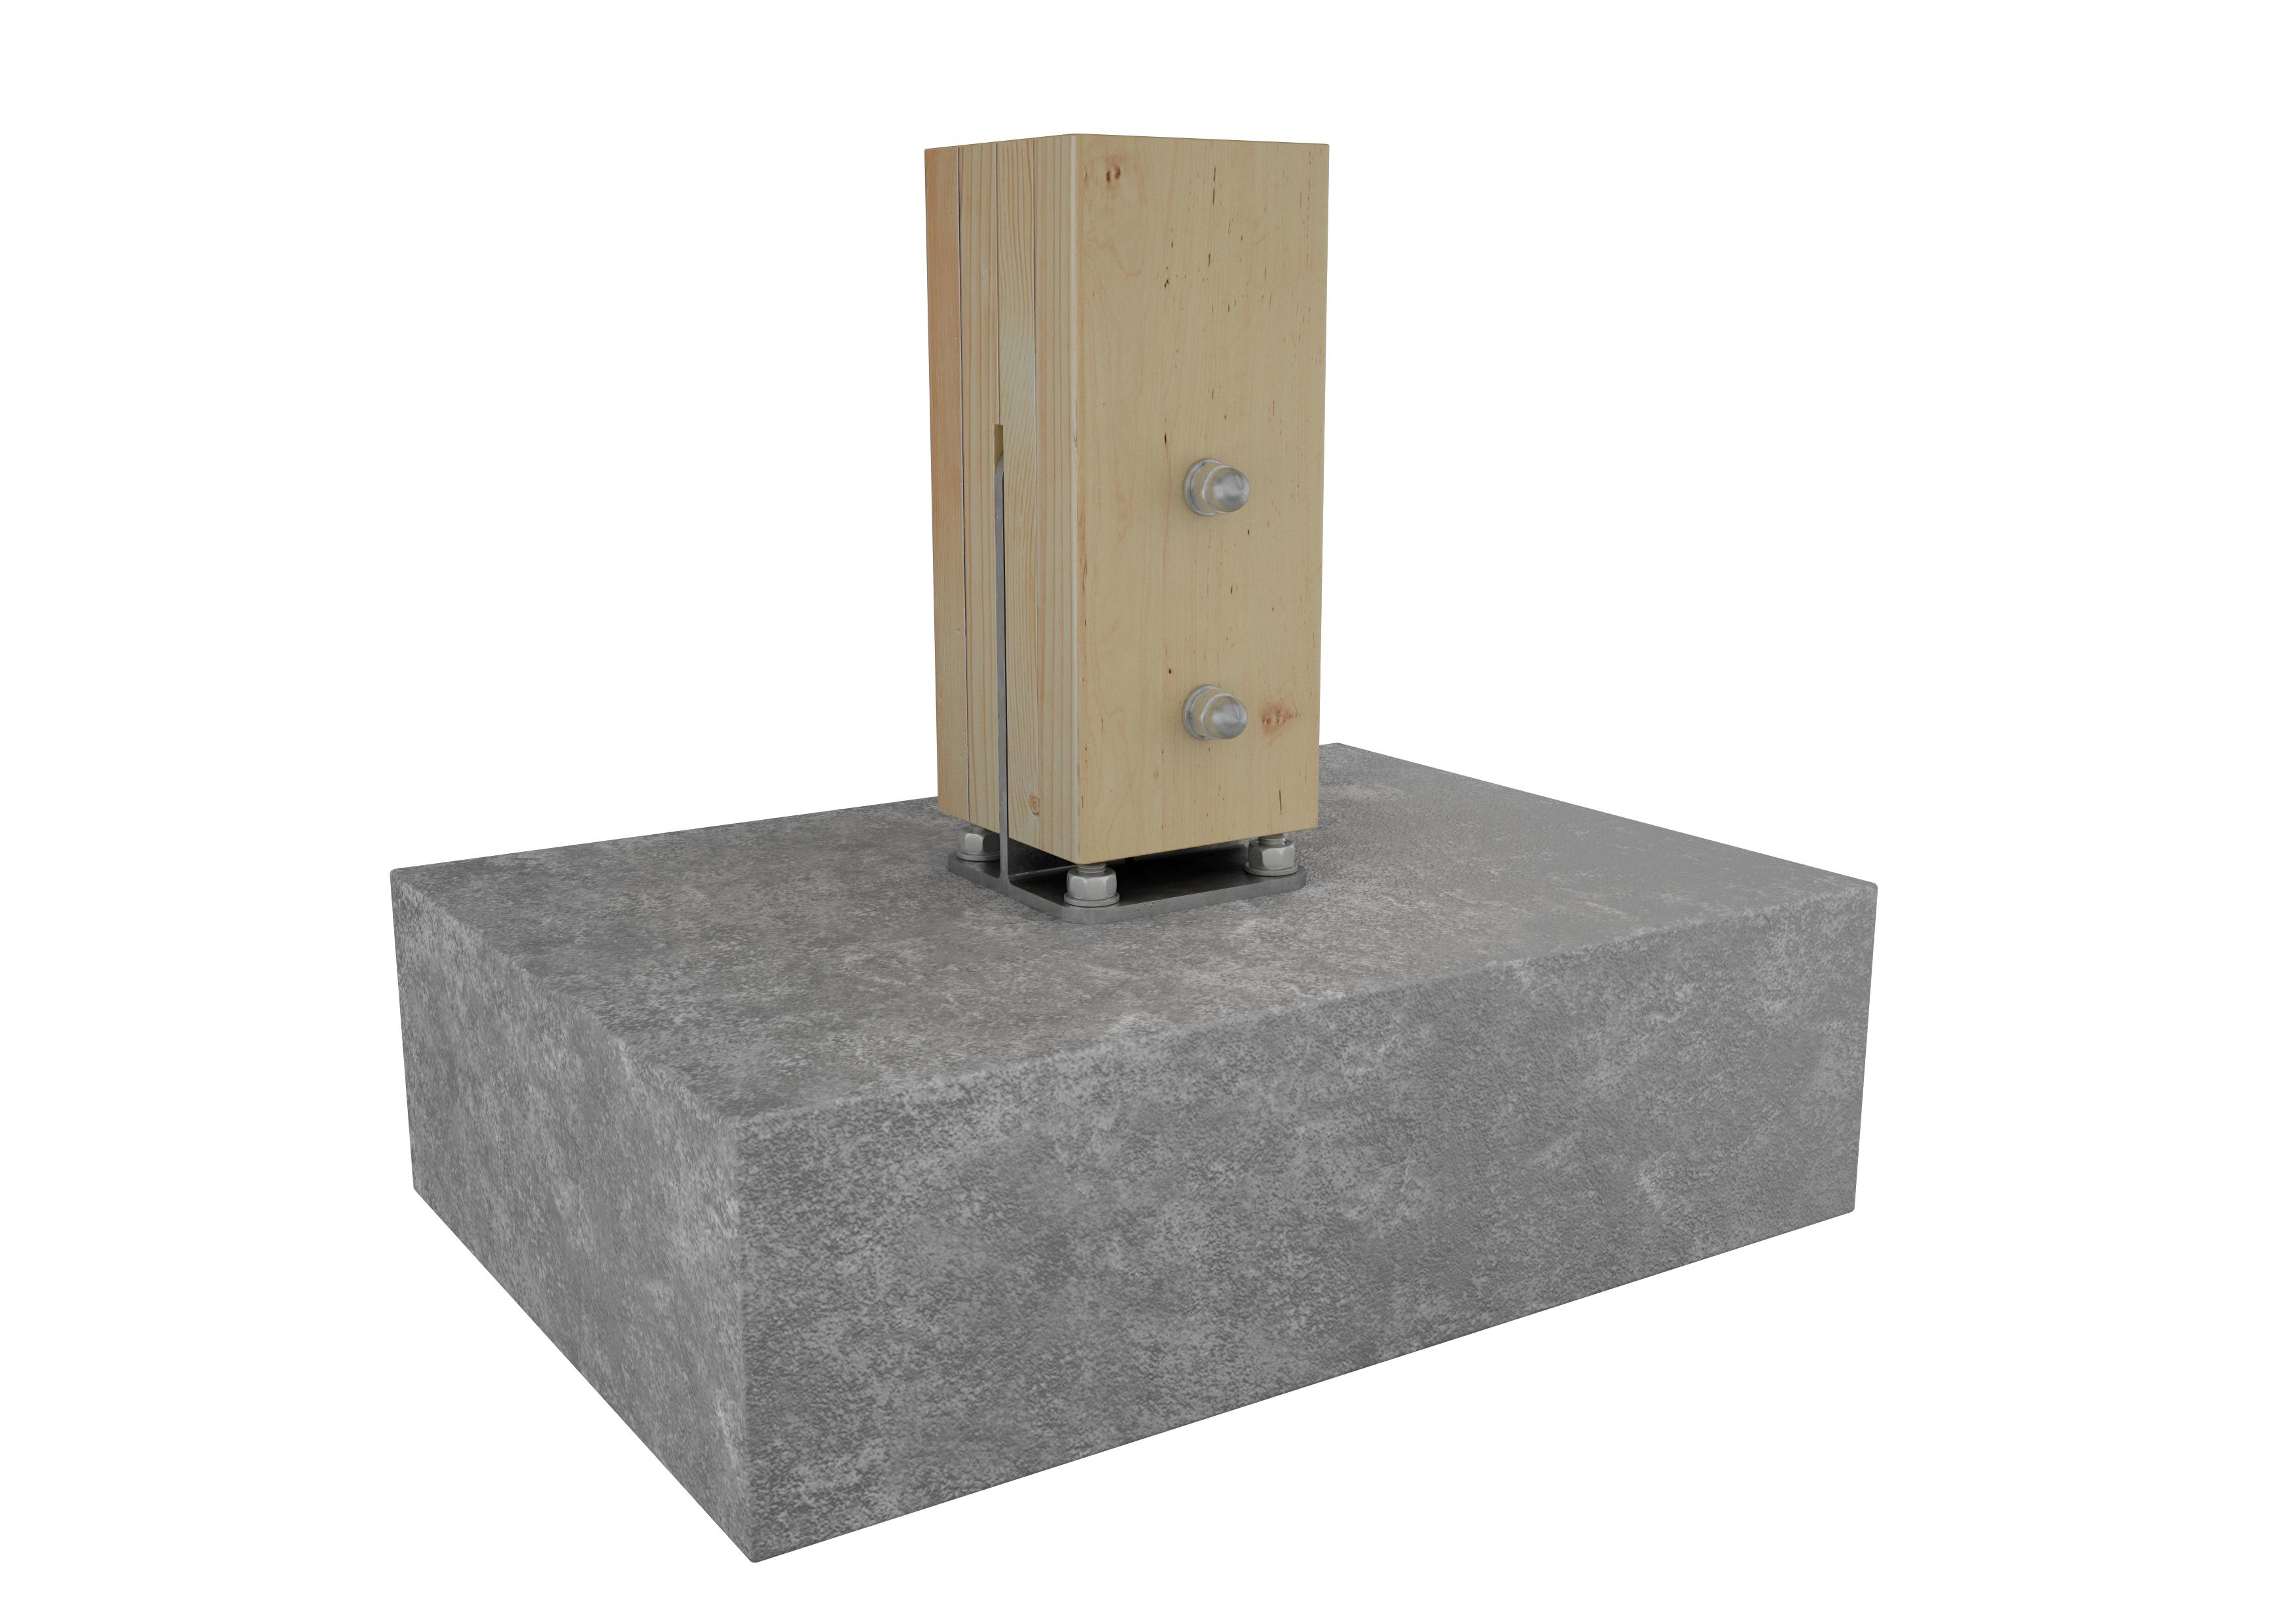 T104 - Ancoraggi per pilastri | Soltech - Soluzioni tecniche per l ...